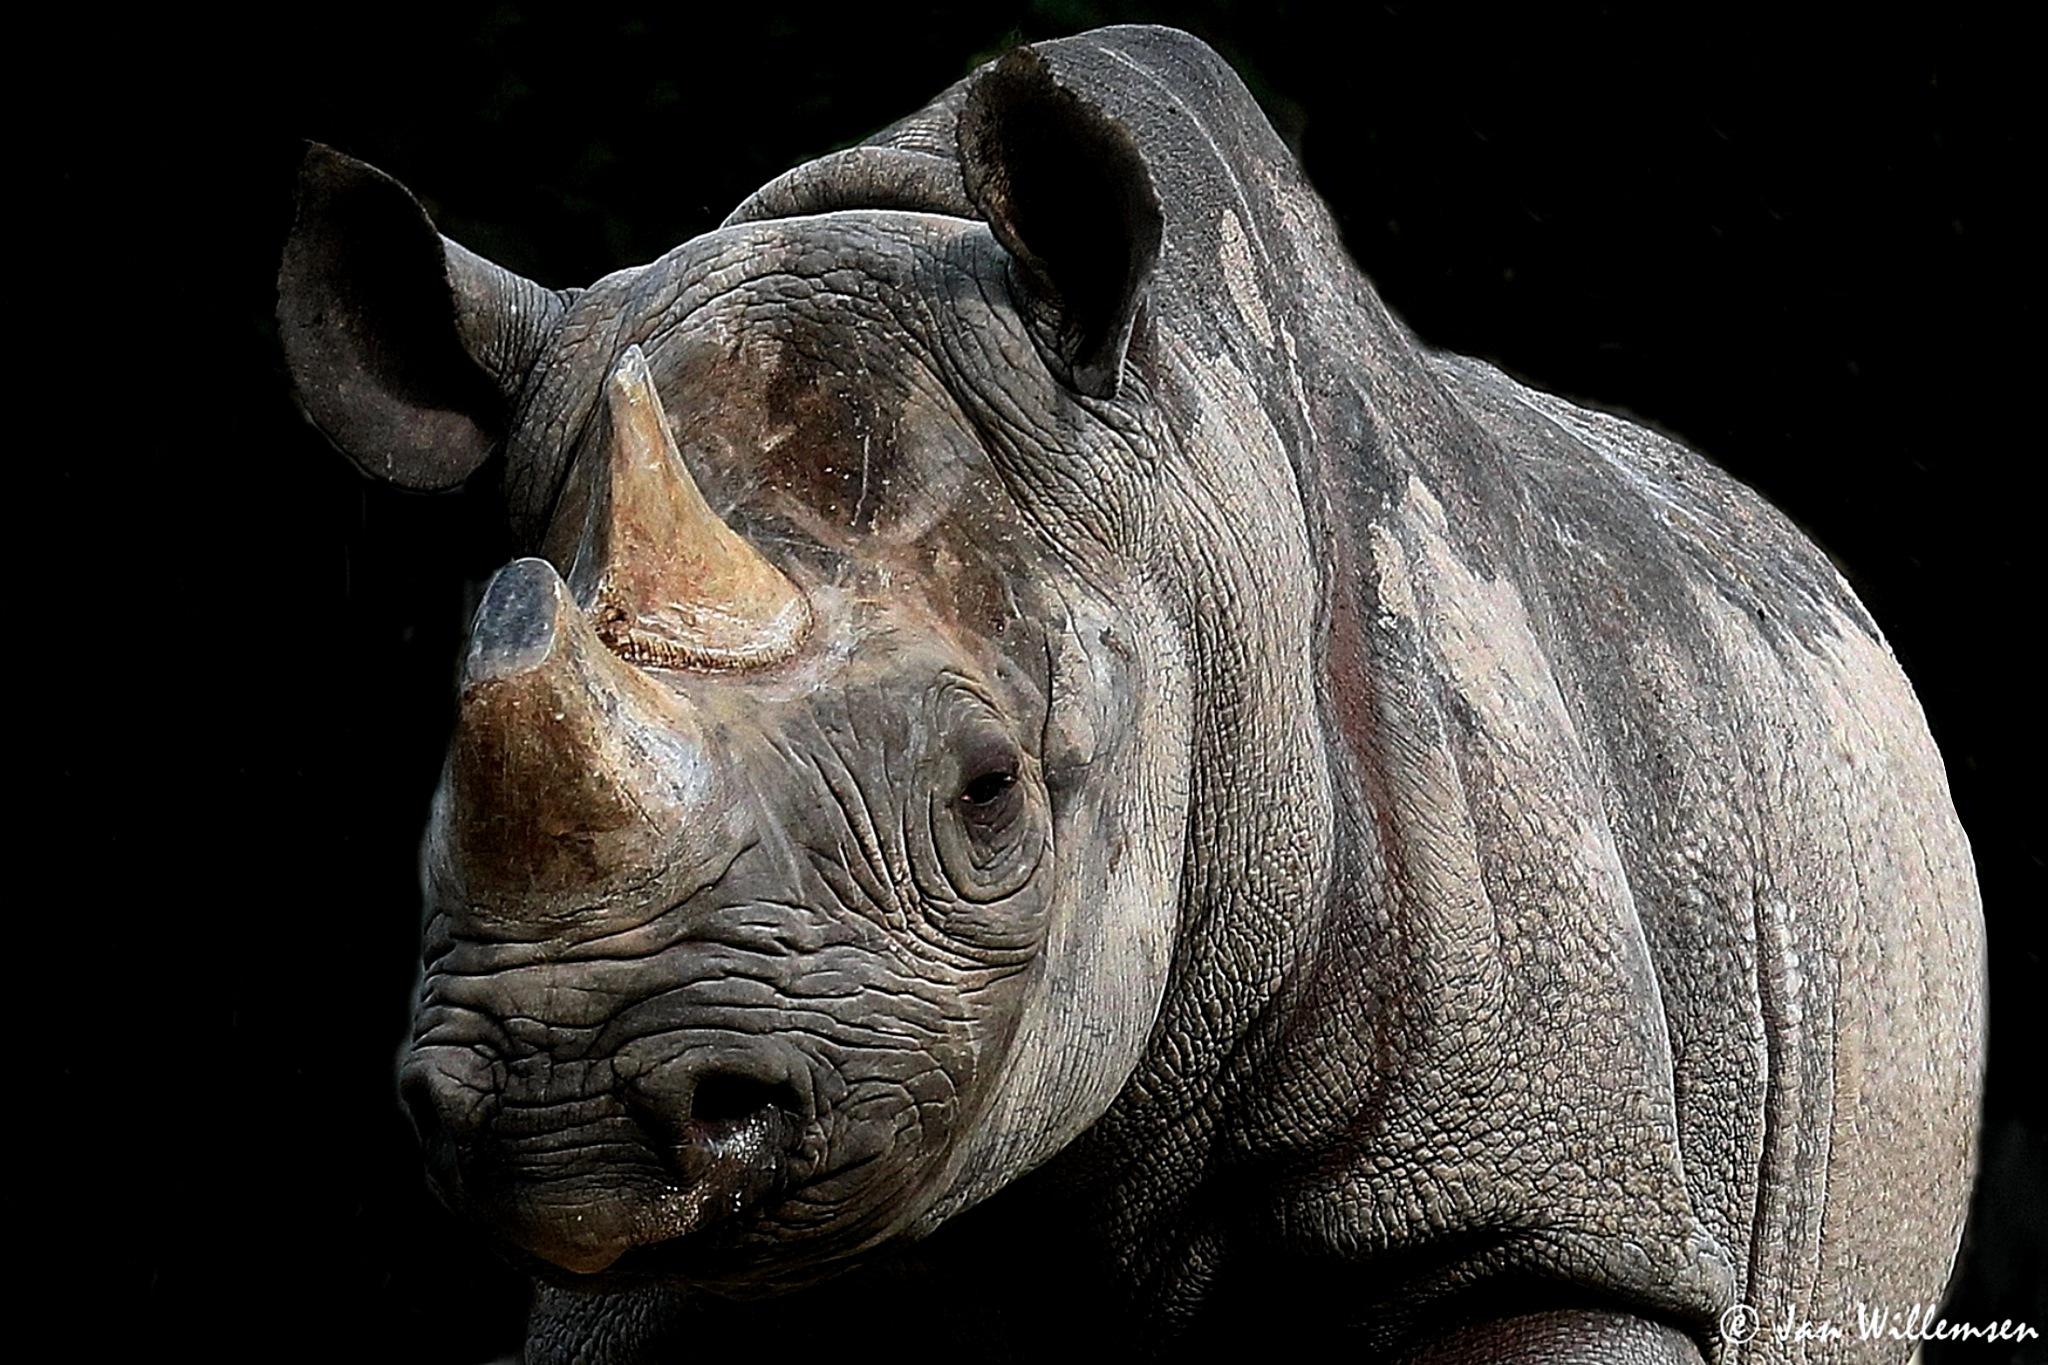 Black Rhino by Jan Willemsen Fotografie